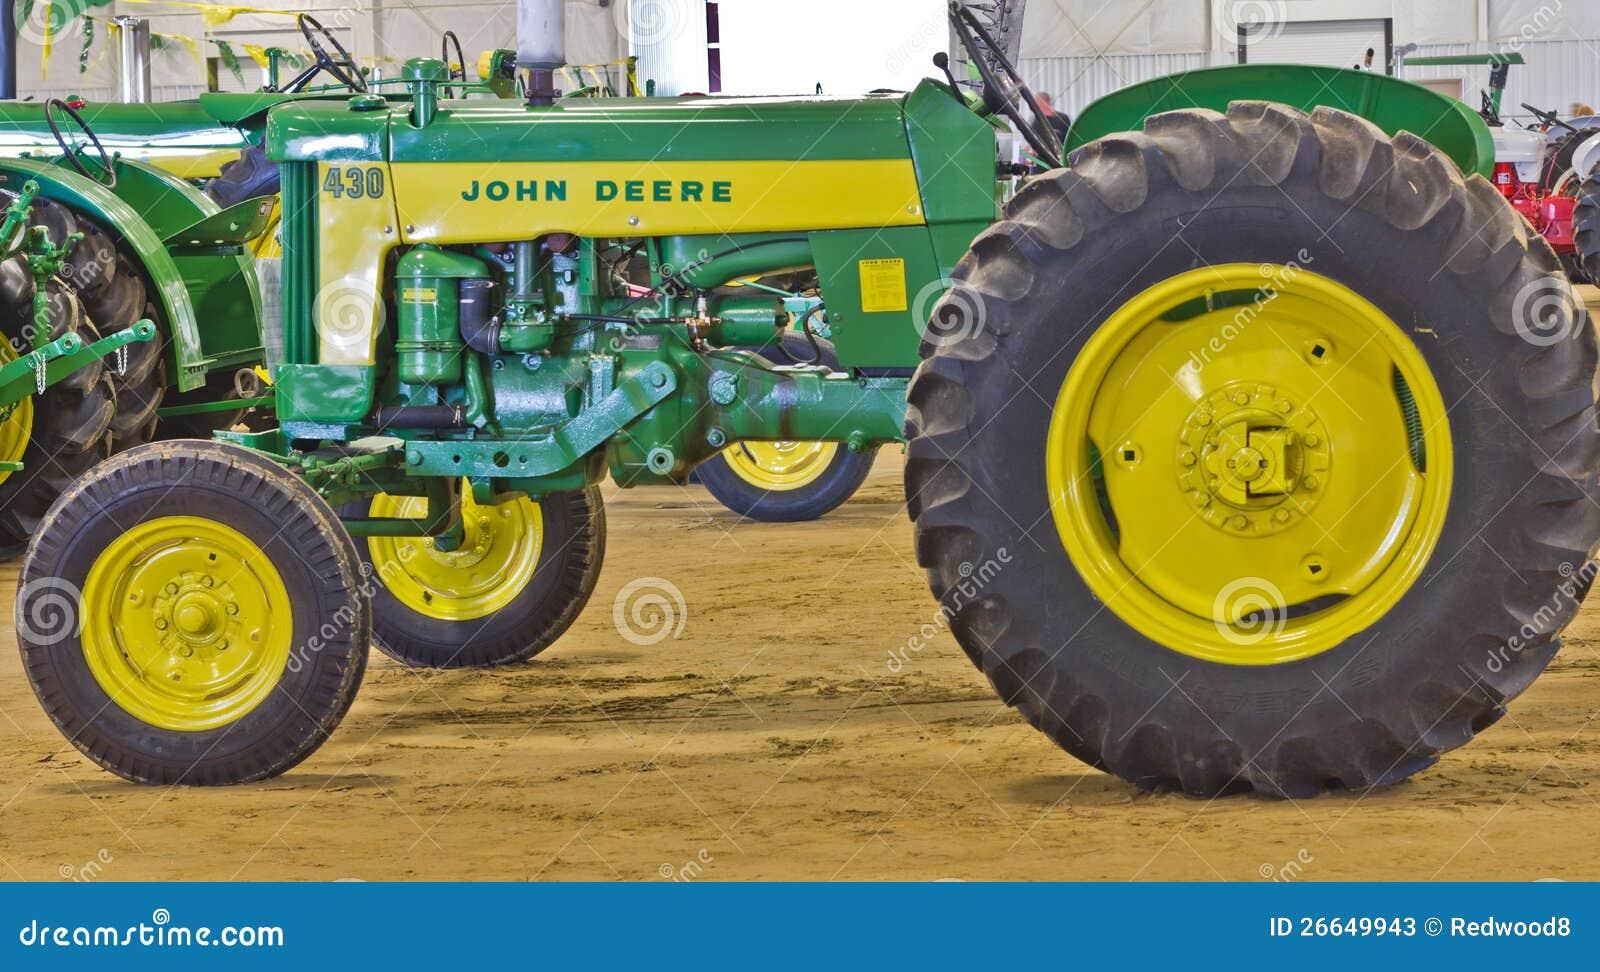 John Deere Model 430 de Tractor van het Nut